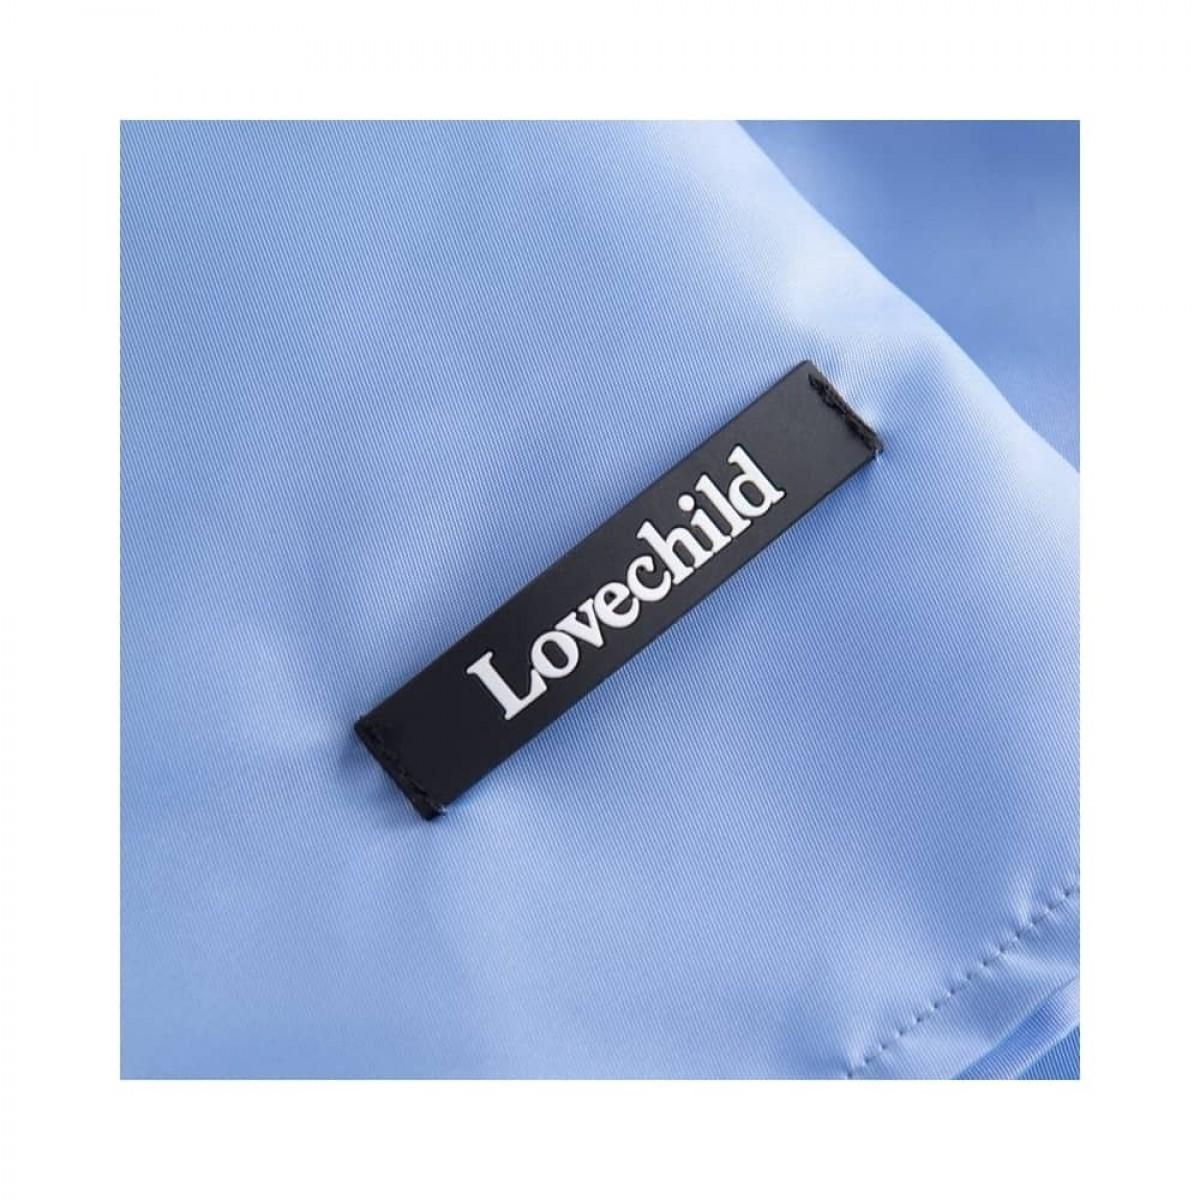 alessio shorts - sky blue - logo